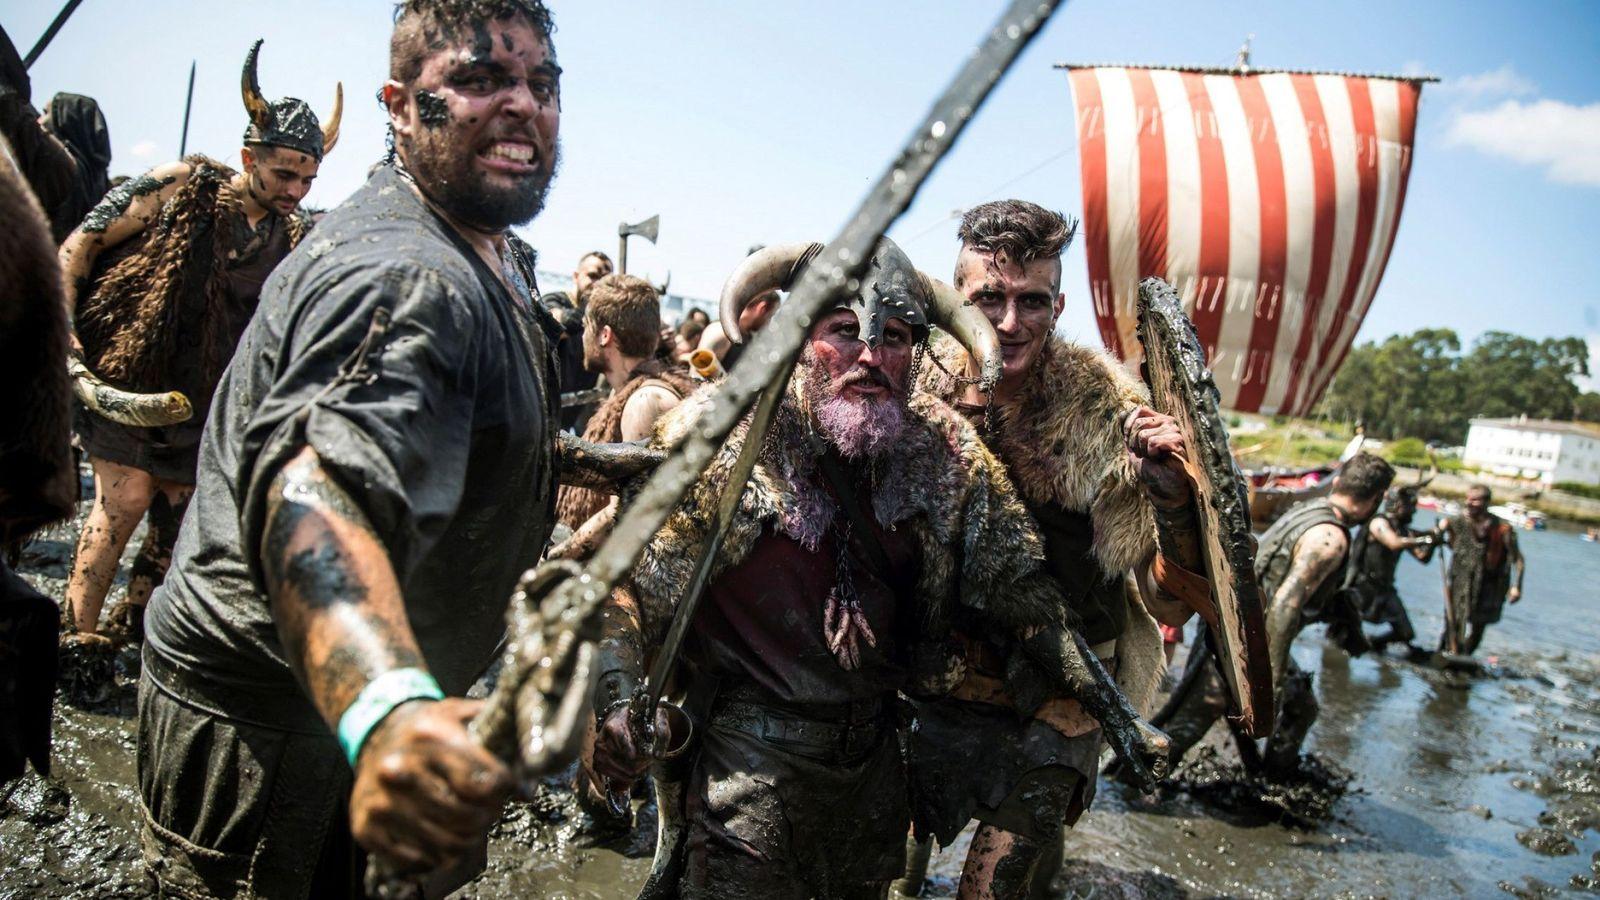 Por Qué Los Irlandeses Se Salvaron De La Extinción Gracias A La Invasión Vikinga